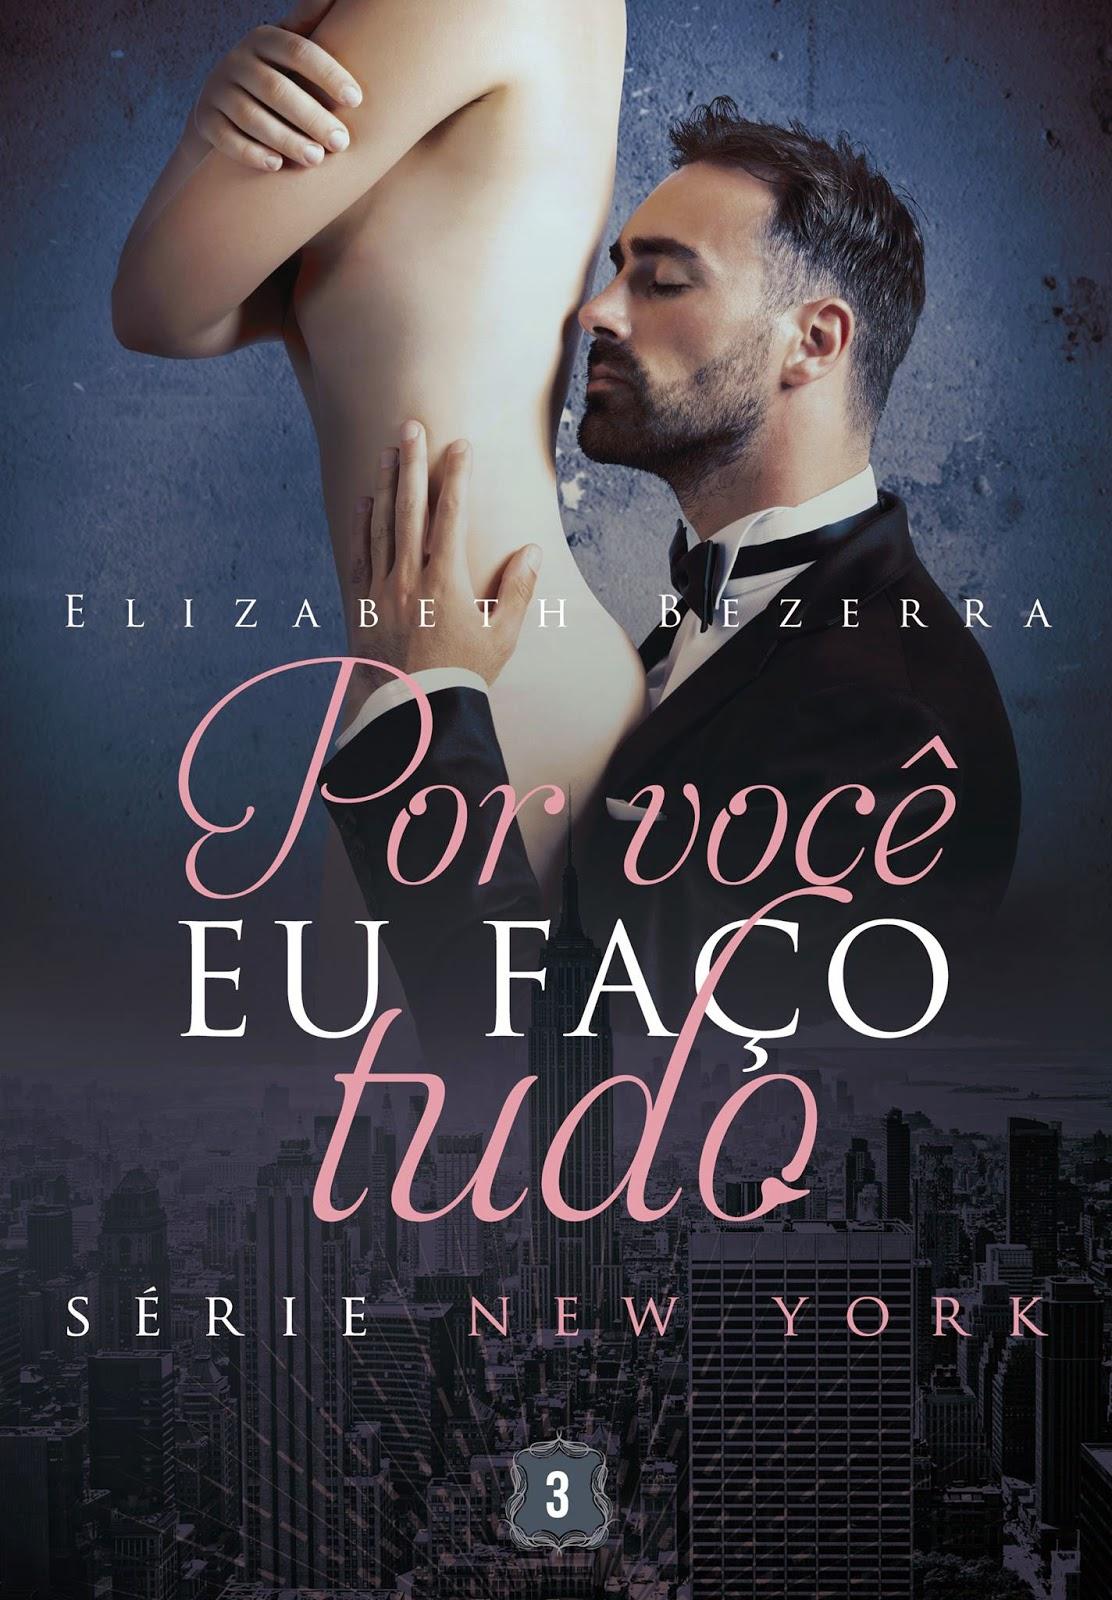 Livros em Português - Literatura Erótica - WOOK